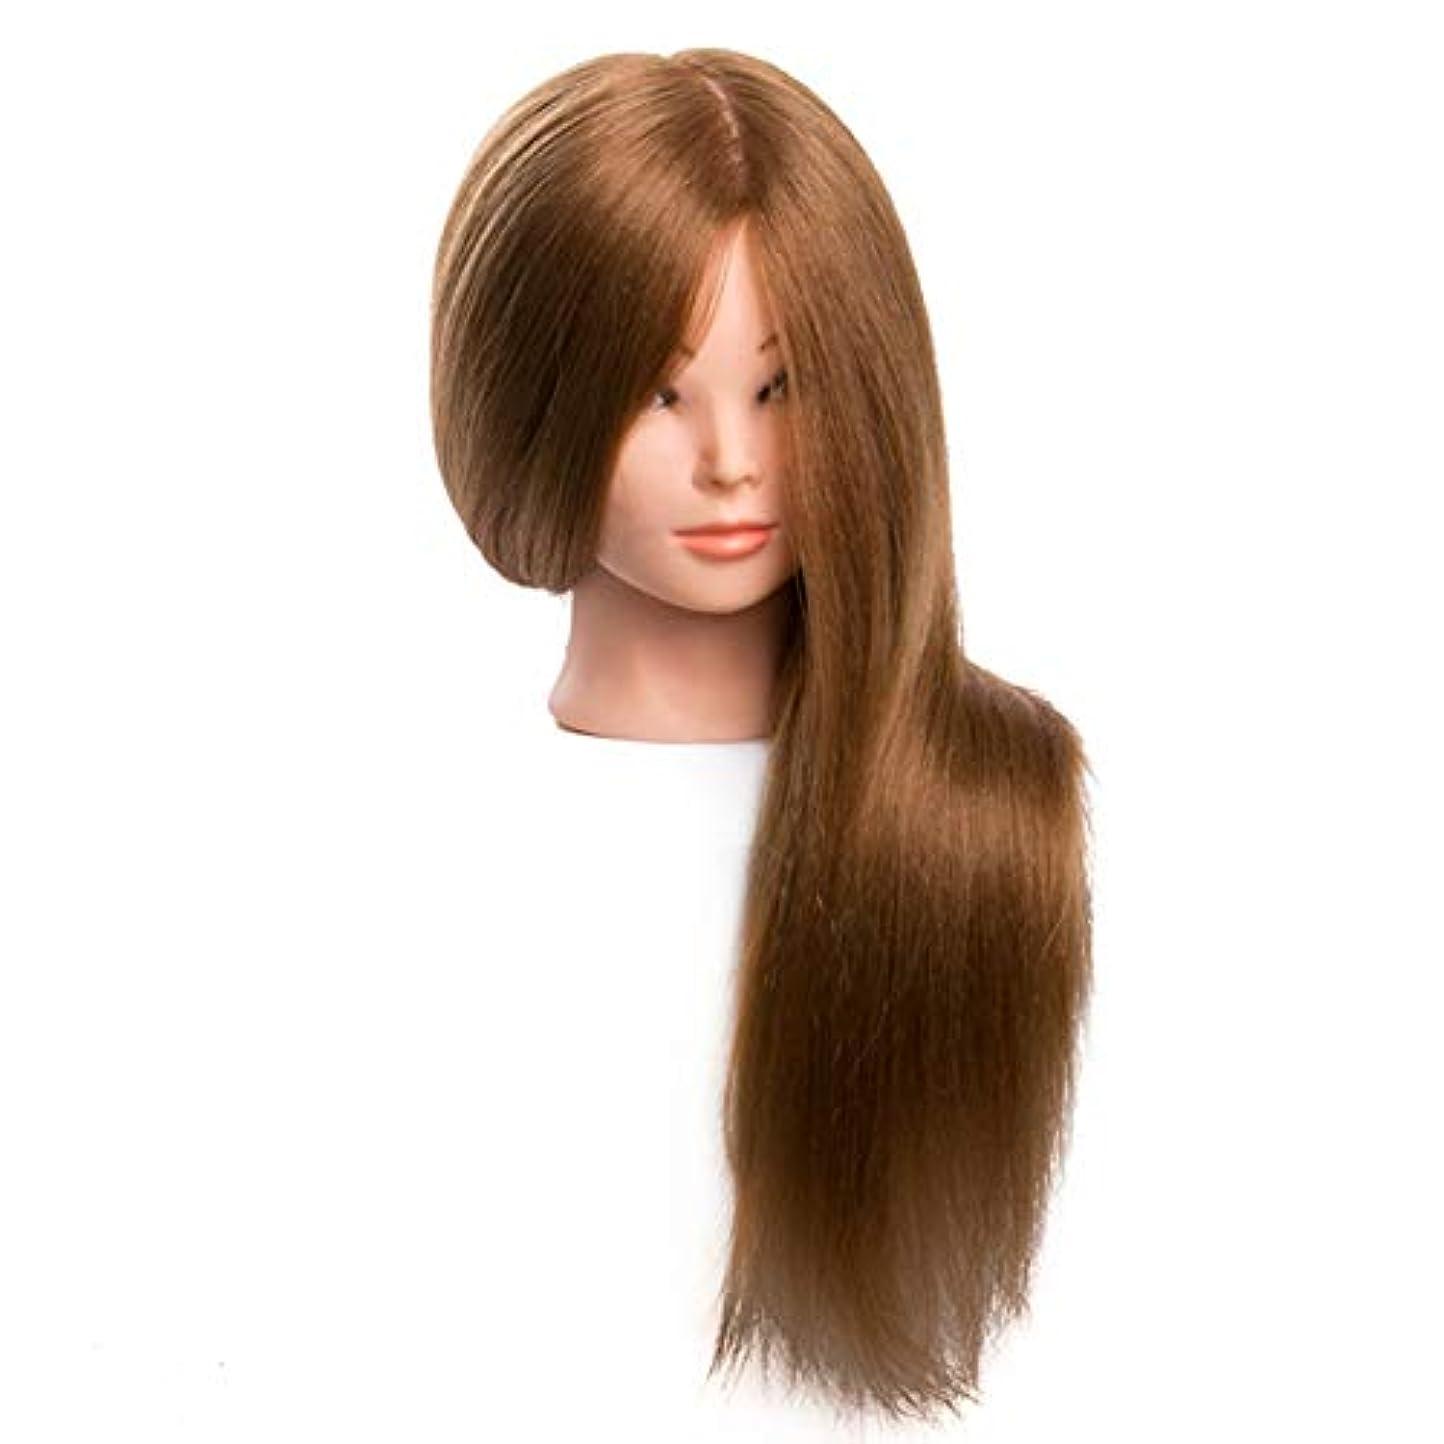 事前に顎克服するサロンエクササイズヘッド金型メイクディスクヘアスタイリング編組ティーチングダミーヘッド理髪ヘアカットトレーニングかつら3個